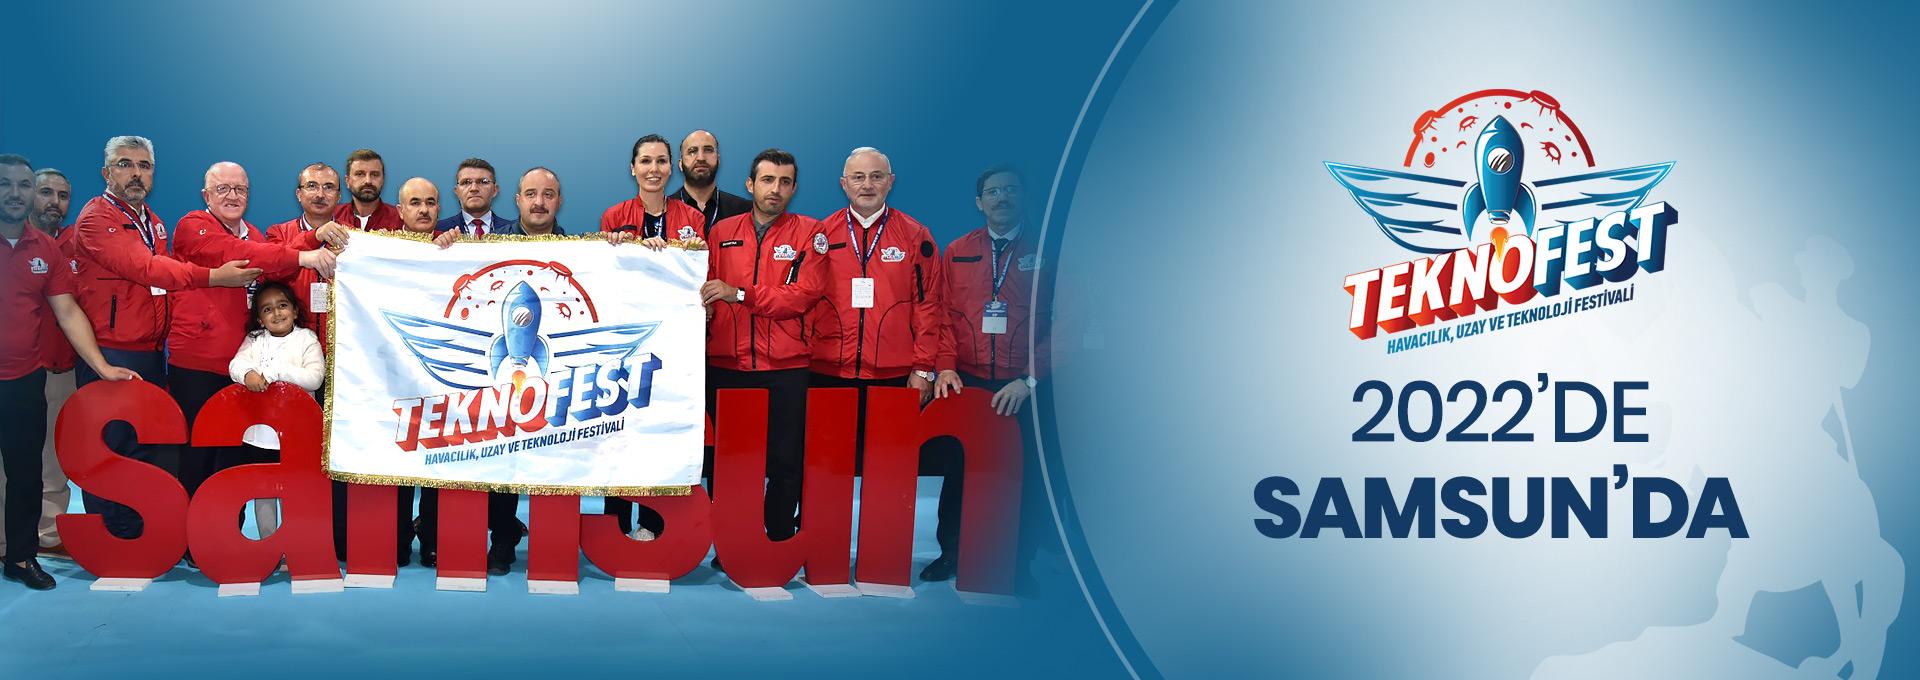 Teknofest 2022 Samsun'da